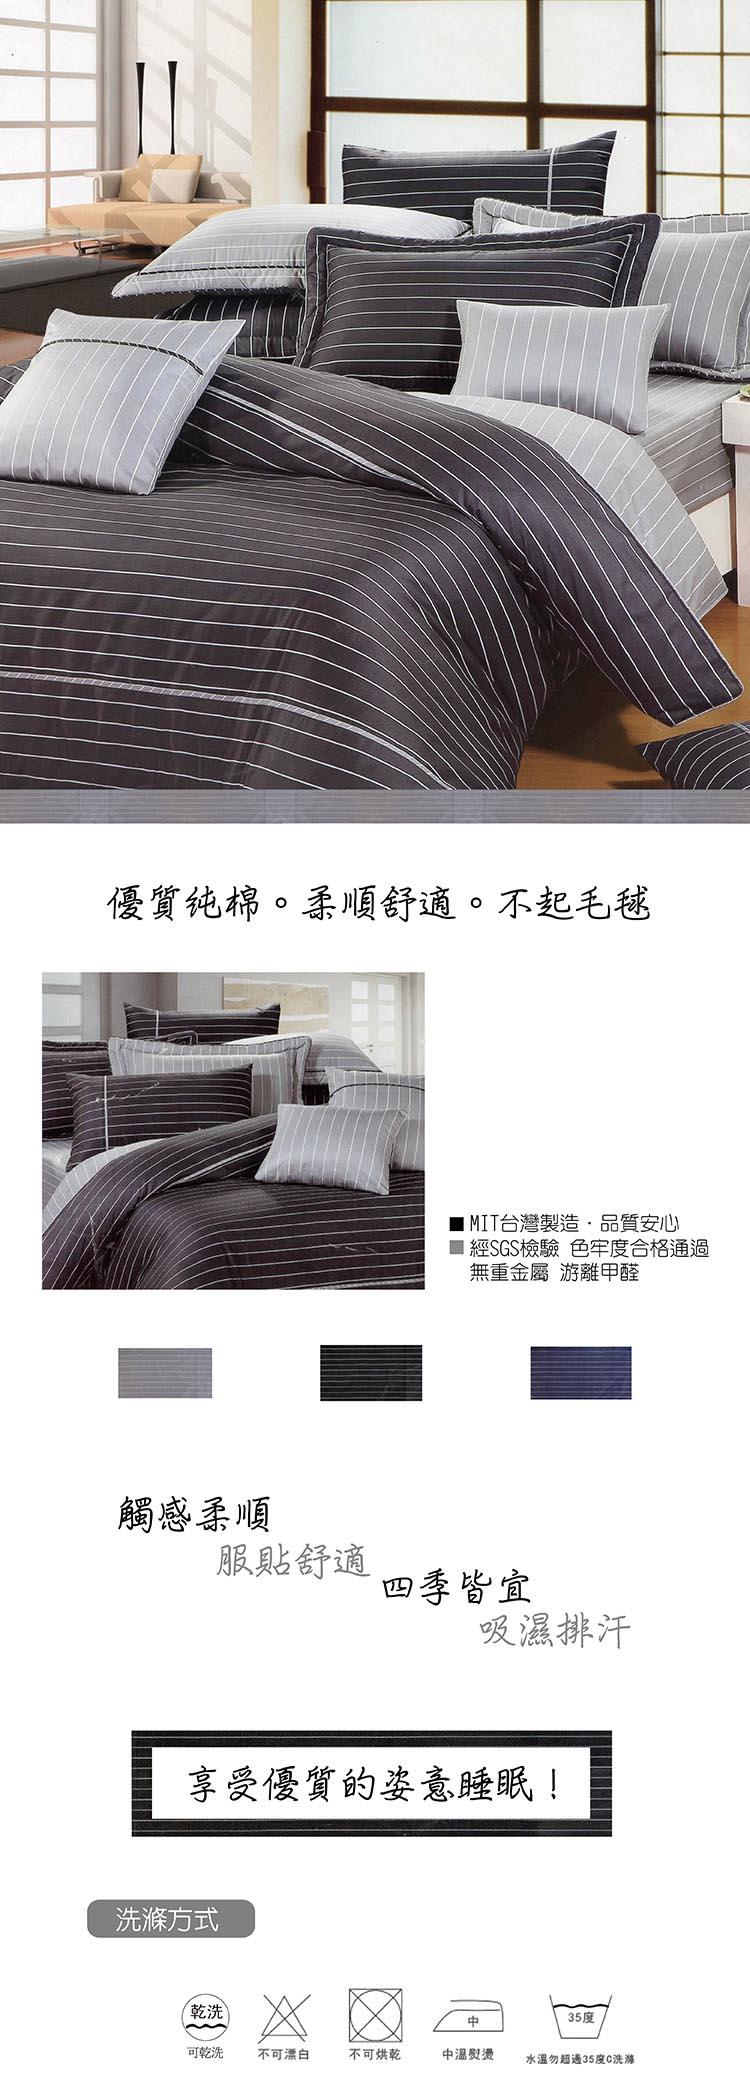 雙人7件式床罩組 (夜的天際線)【專櫃精品、100%純綿、台灣製】# 寢國寢城 1